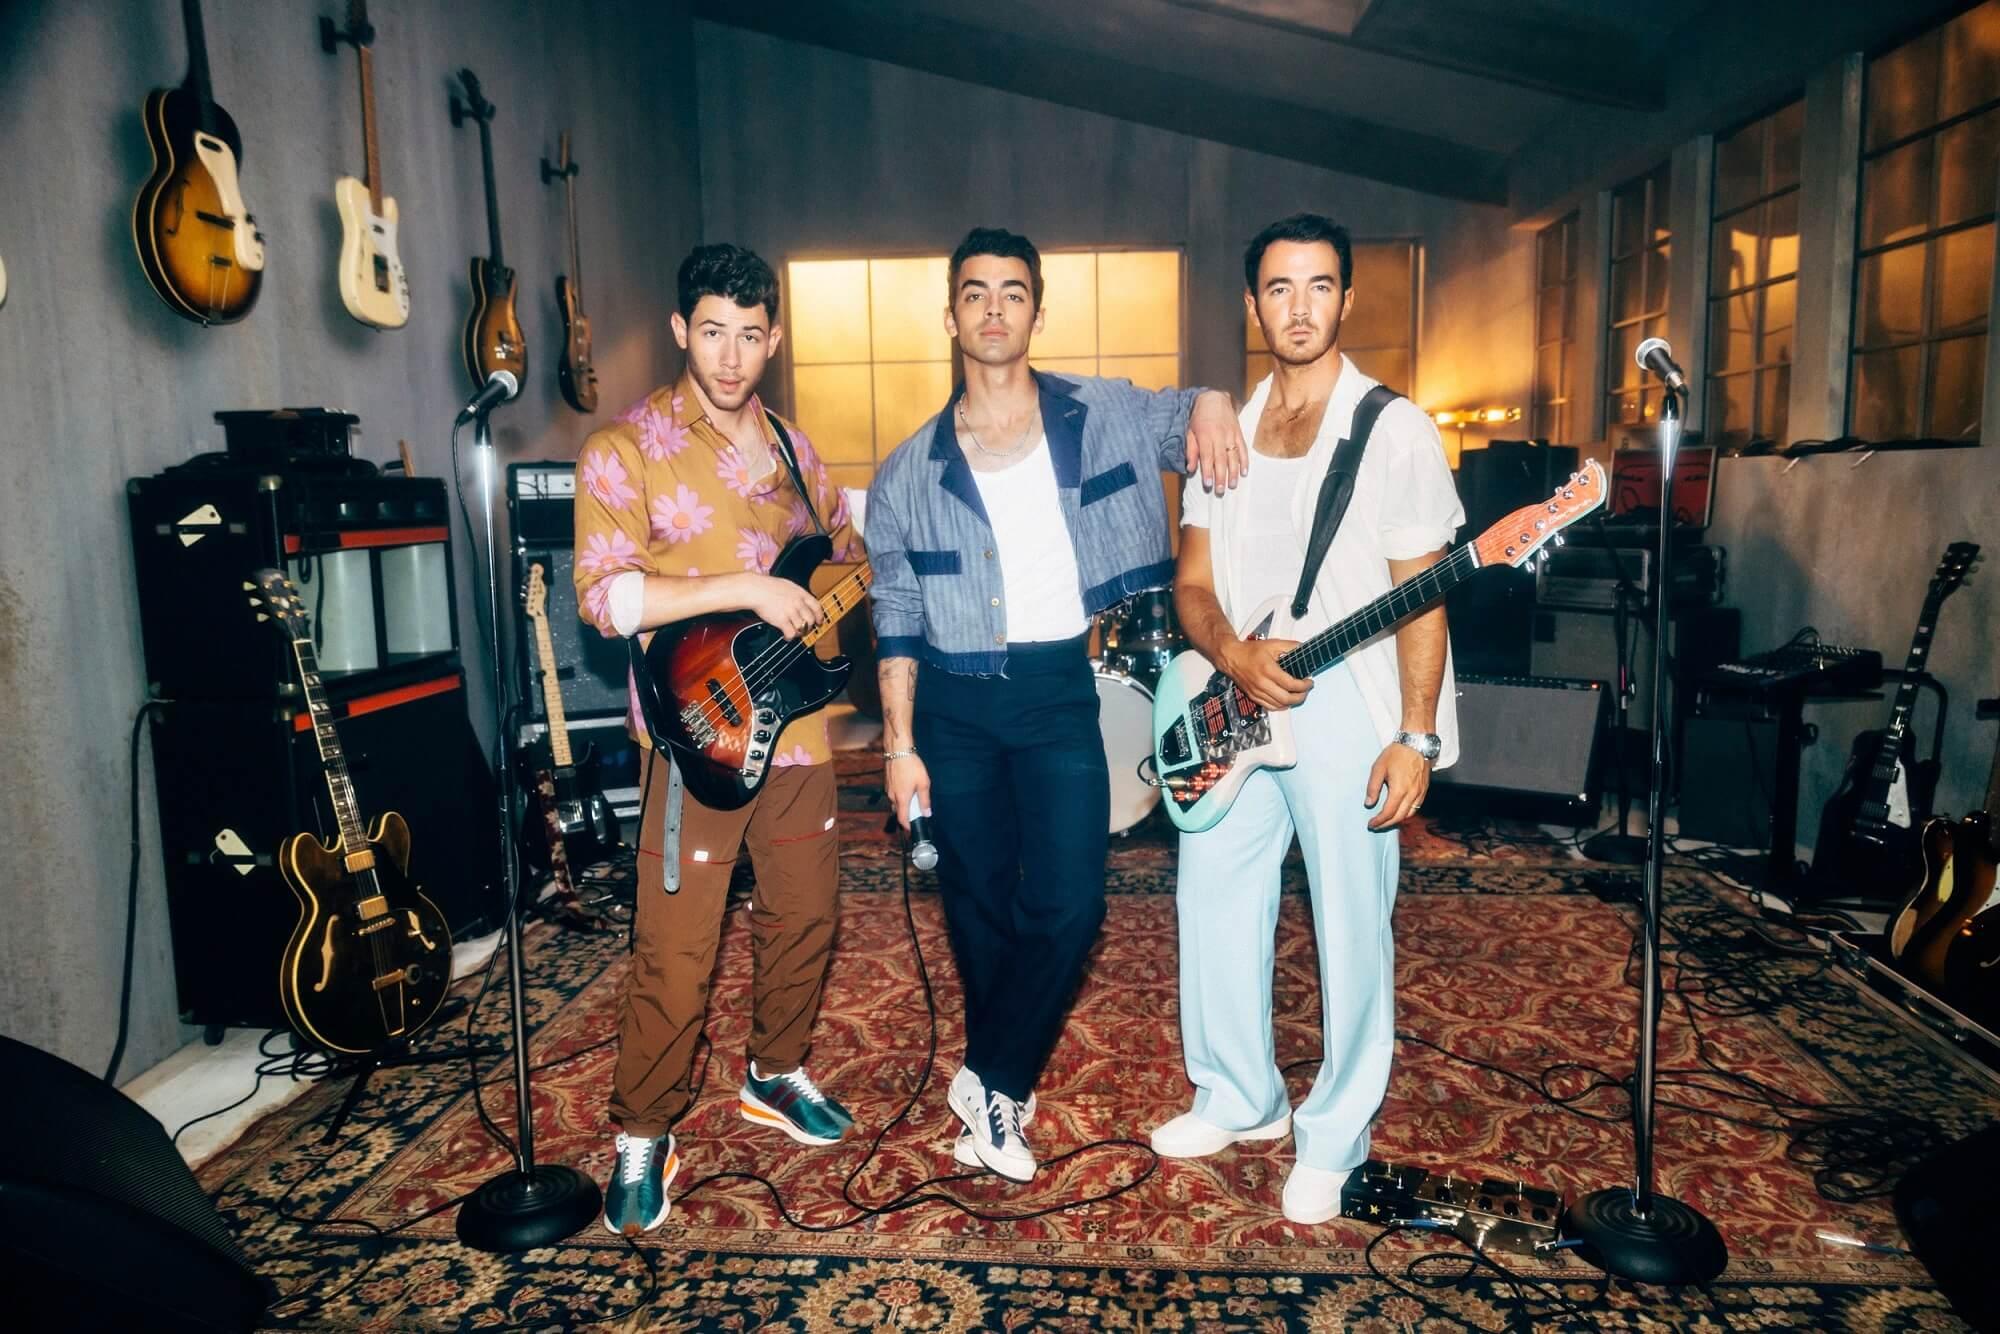 Jonas Brothersが新曲「Who's In Your Head」をリリースしをリリック・ビデオを公開!三男ニック・ジョナスのバースデー・リリースに!